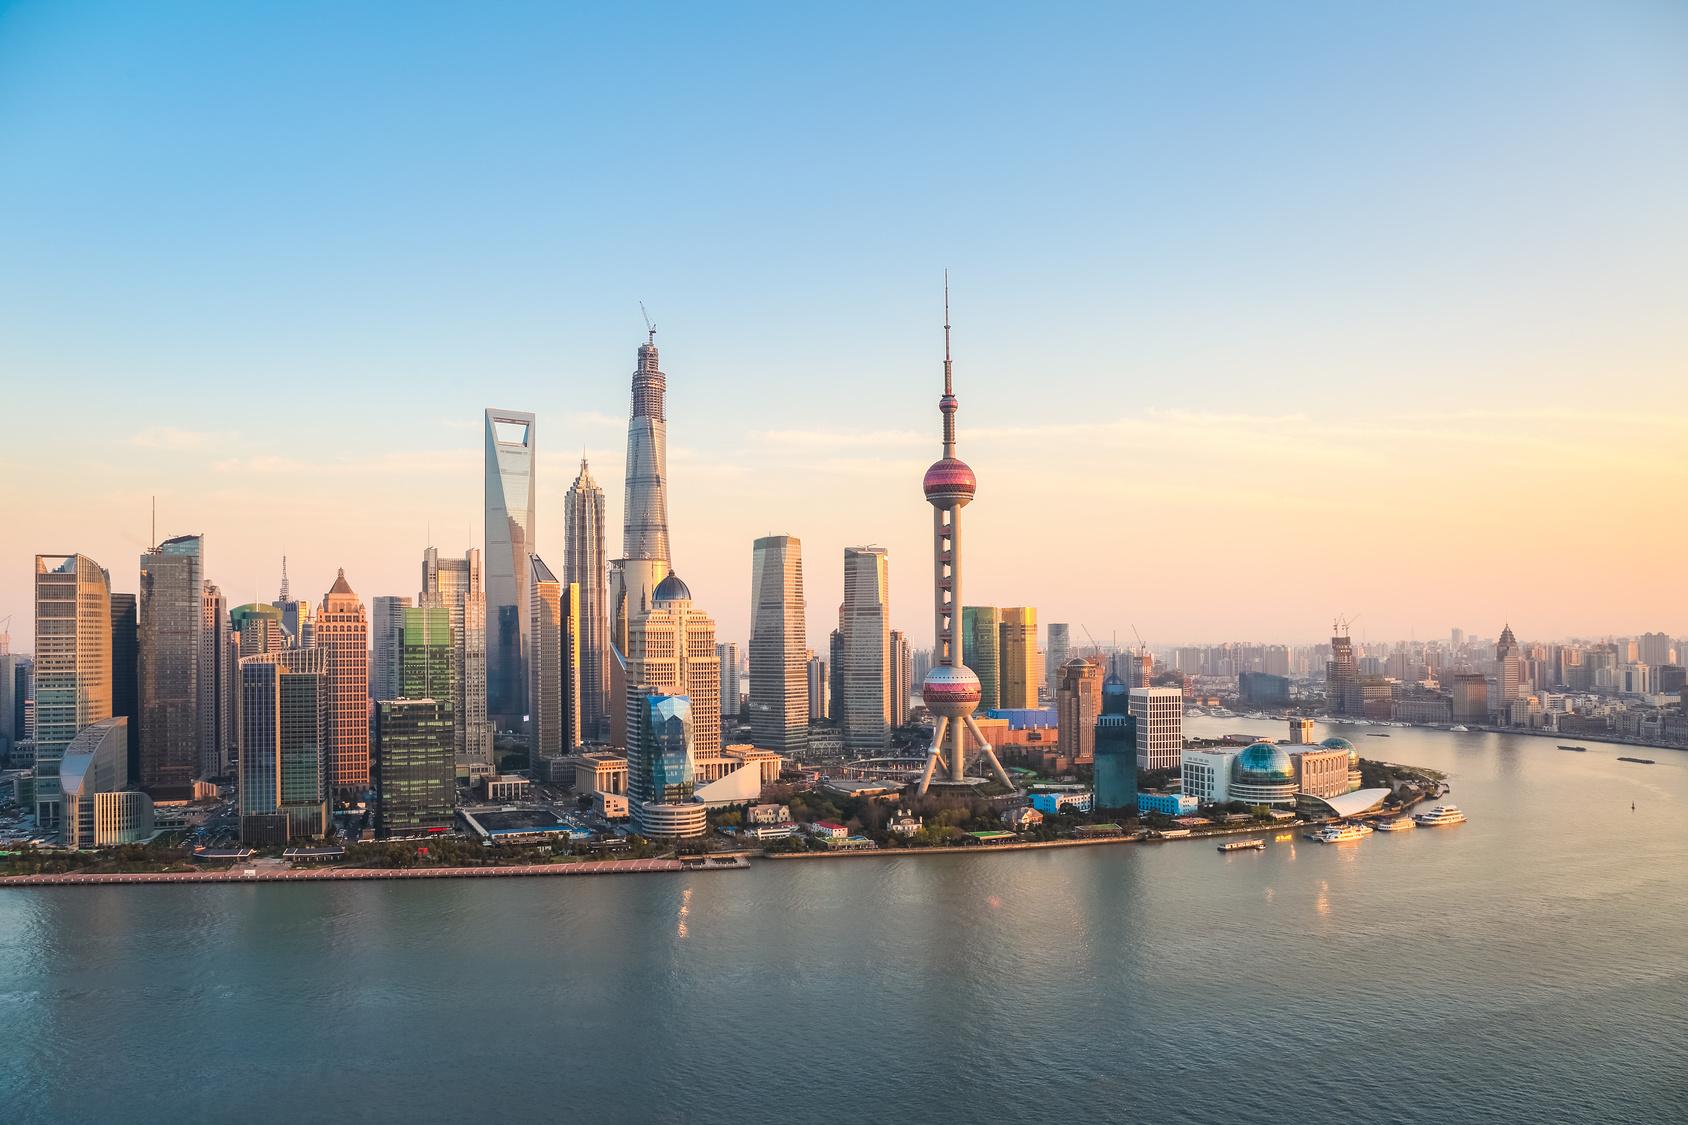 Quelle assurance santé pour partir en voyage en Chine ?